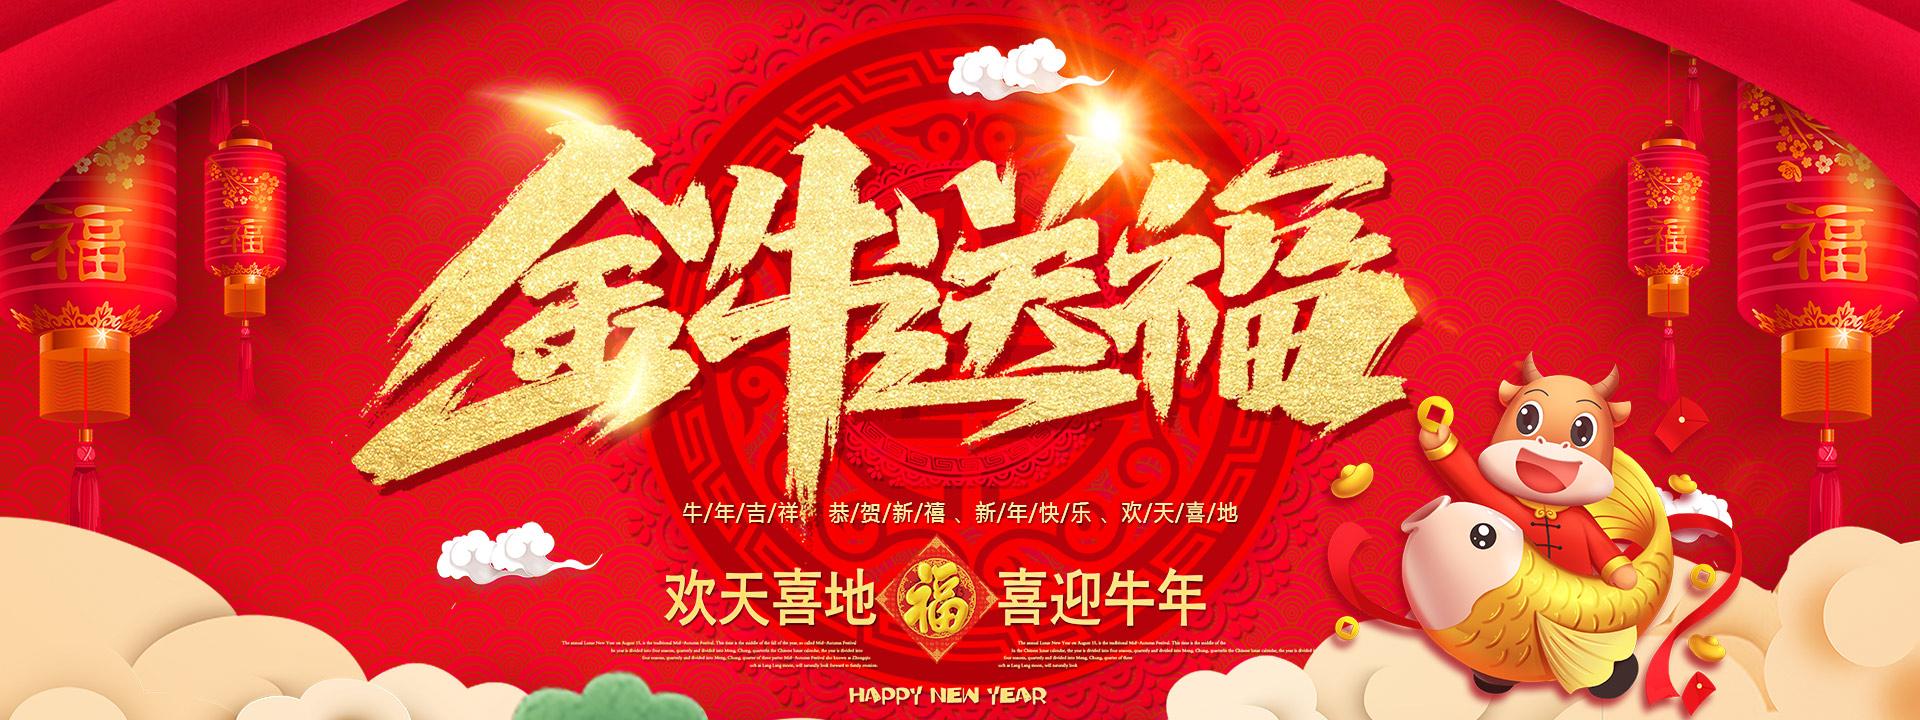 华岳玻璃祝大家新年快乐